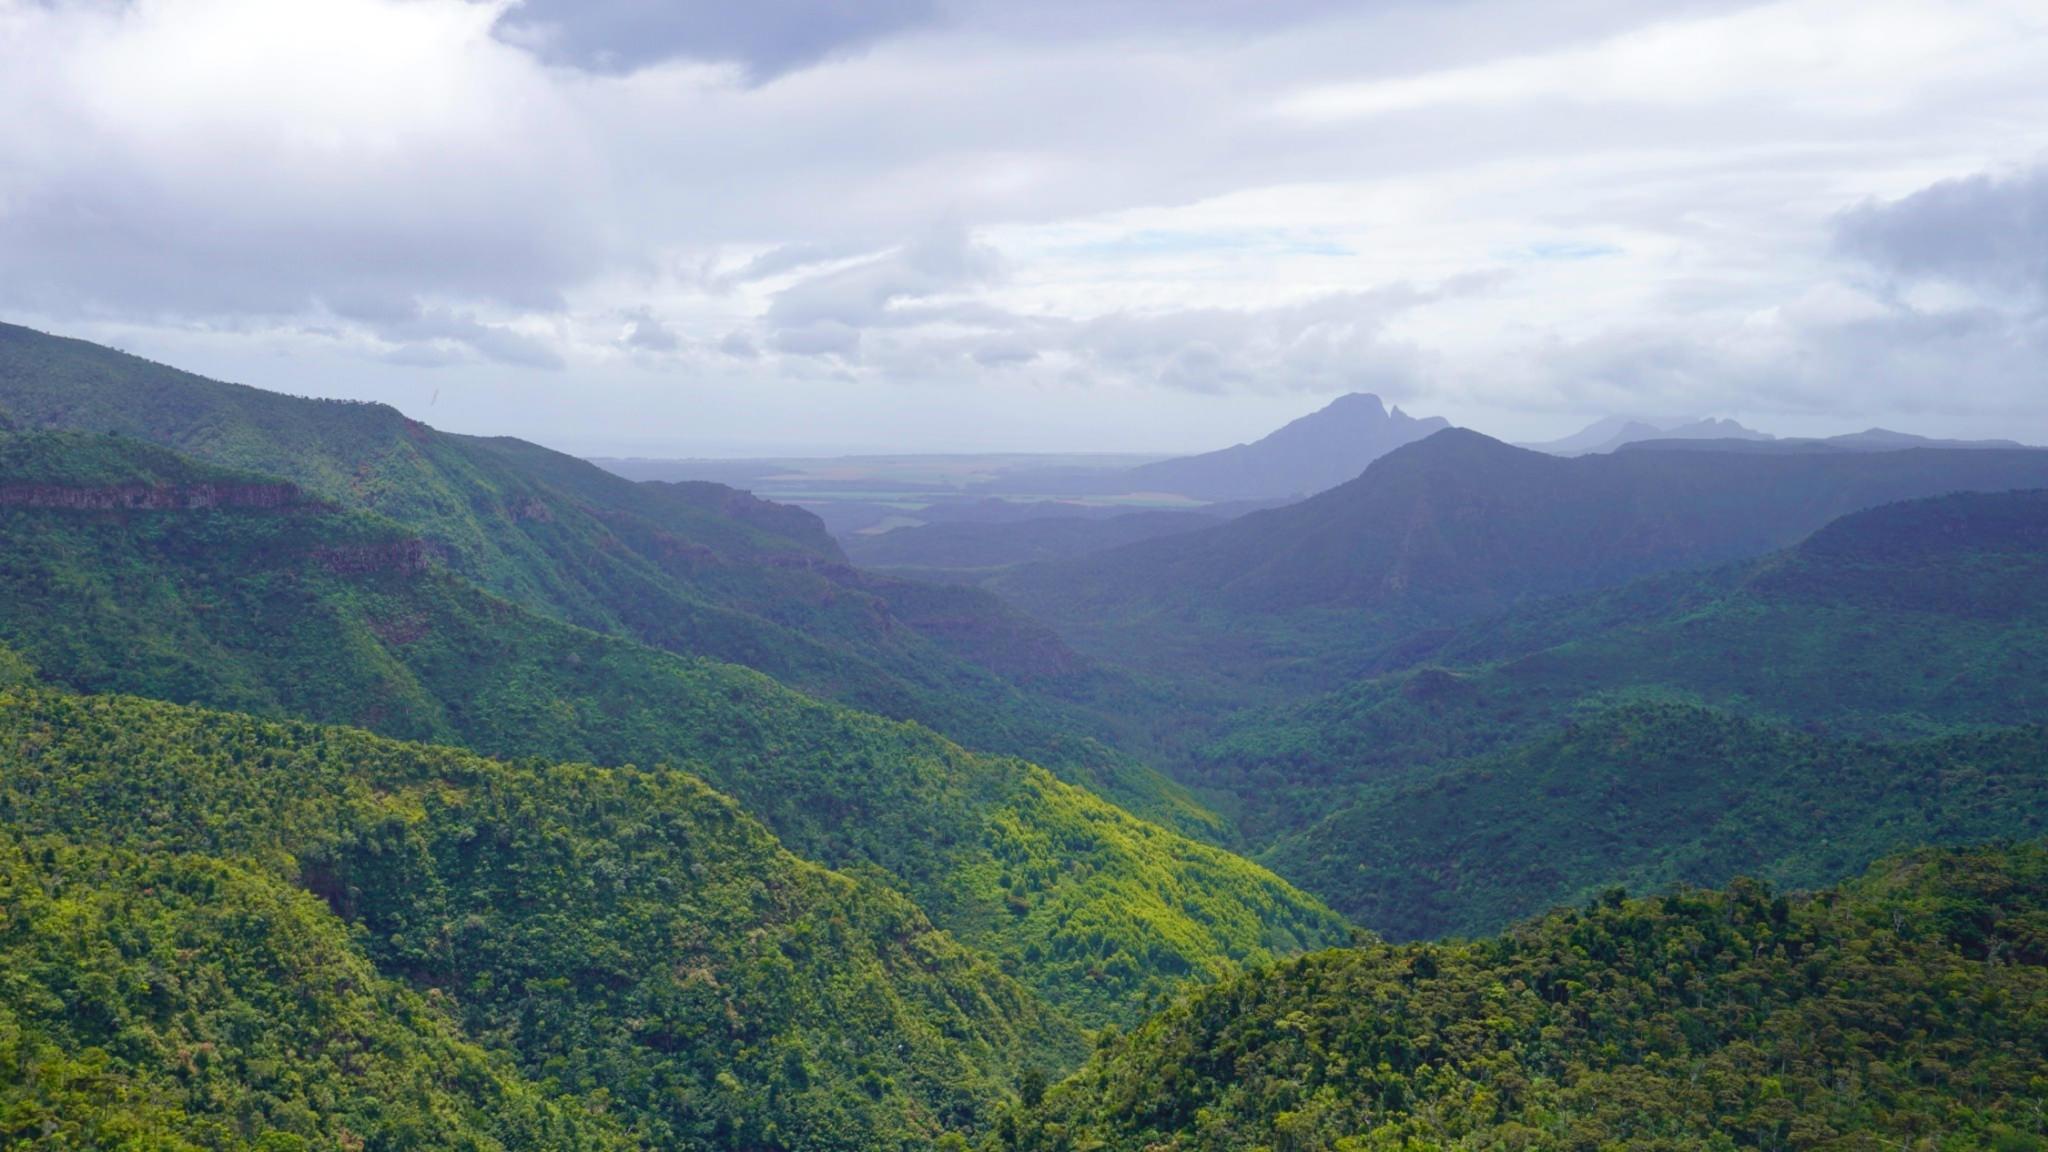 模里西斯,Mauritius,模里西斯景點,七色土,黑河峽谷,模里西斯旅遊